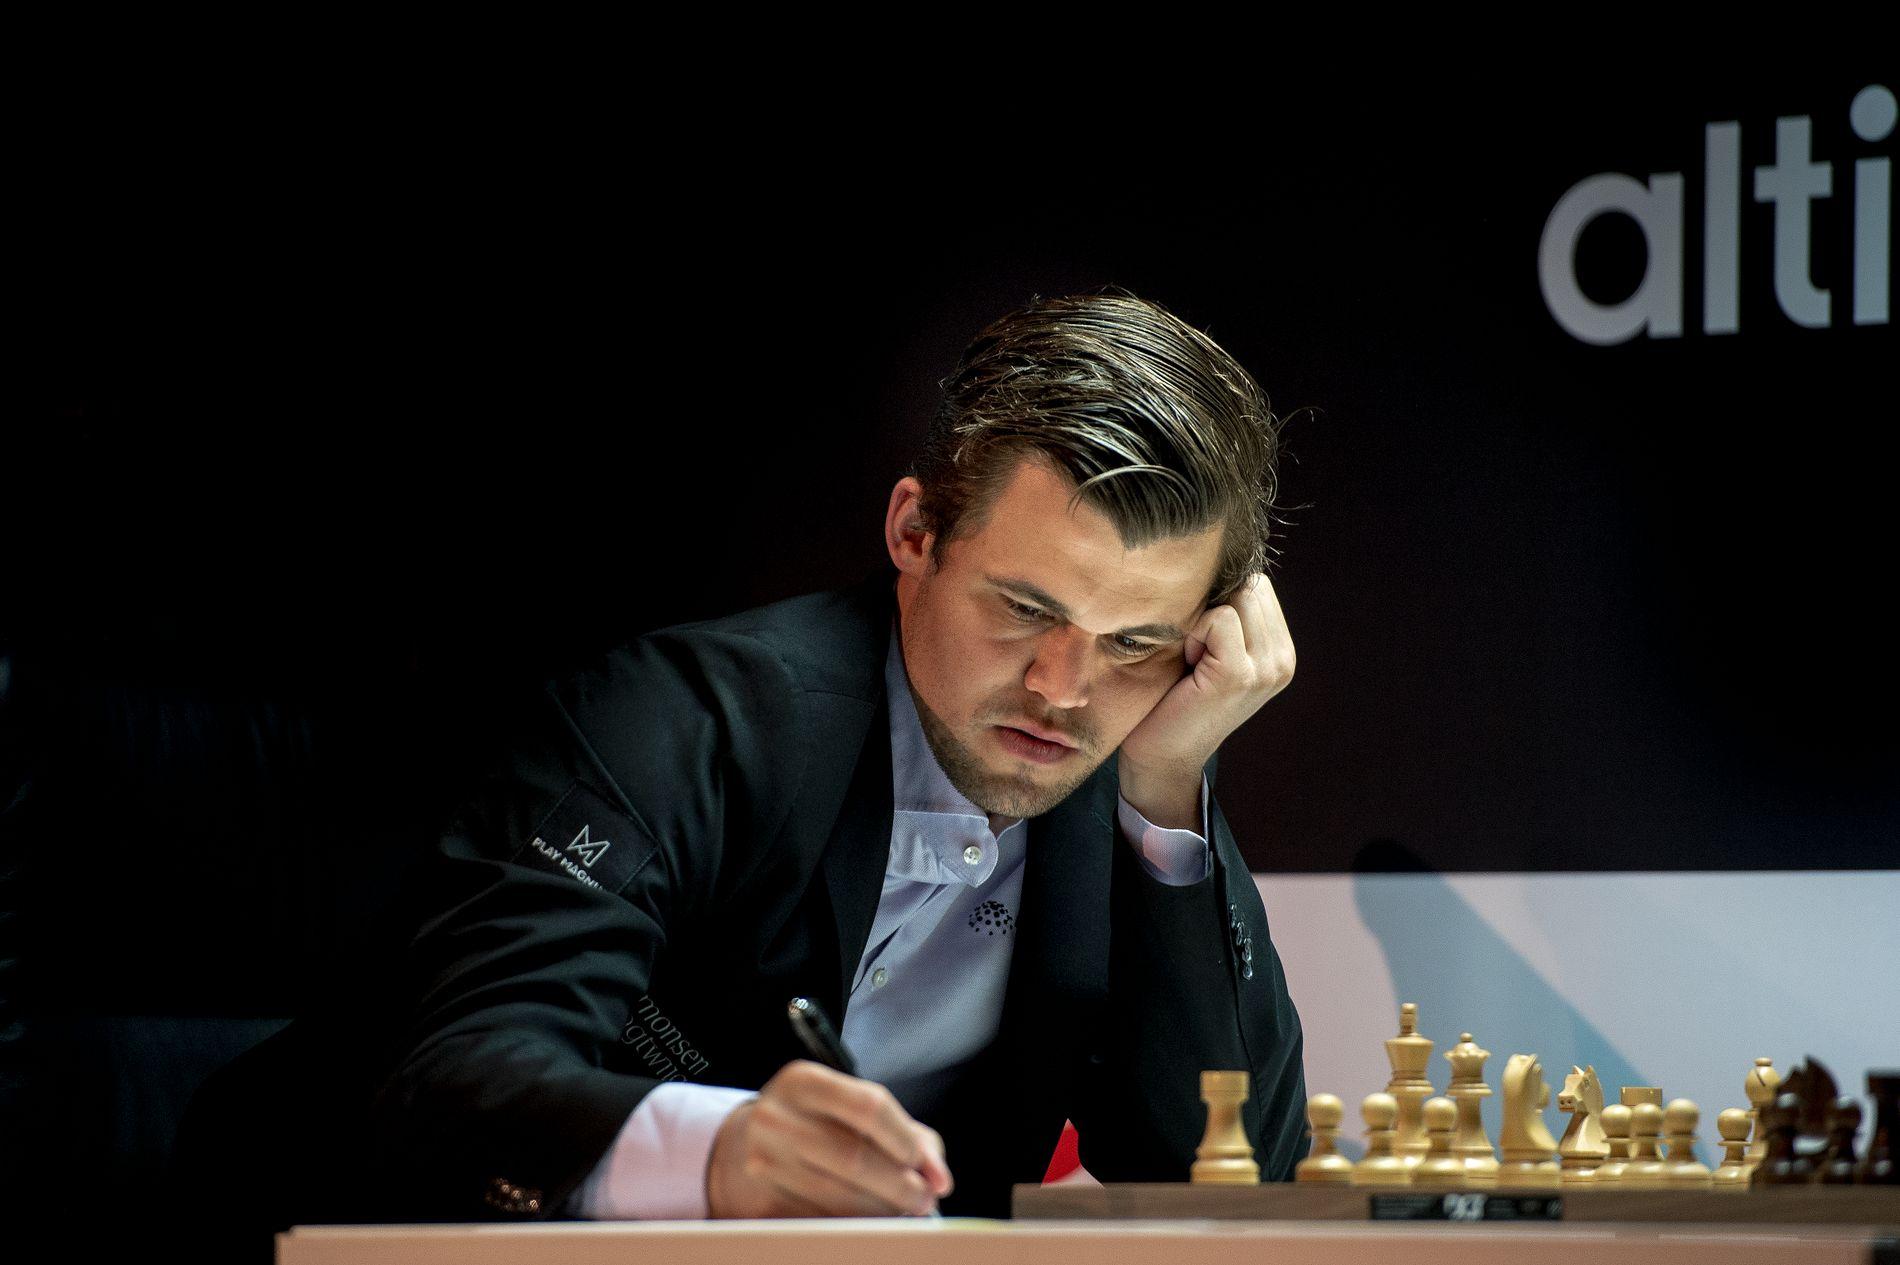 TAPTE: Magnus Carlsen, her fra partiet mot Fabiano Caruana tidligere i Norway Chess-turneringen i Stavanger.